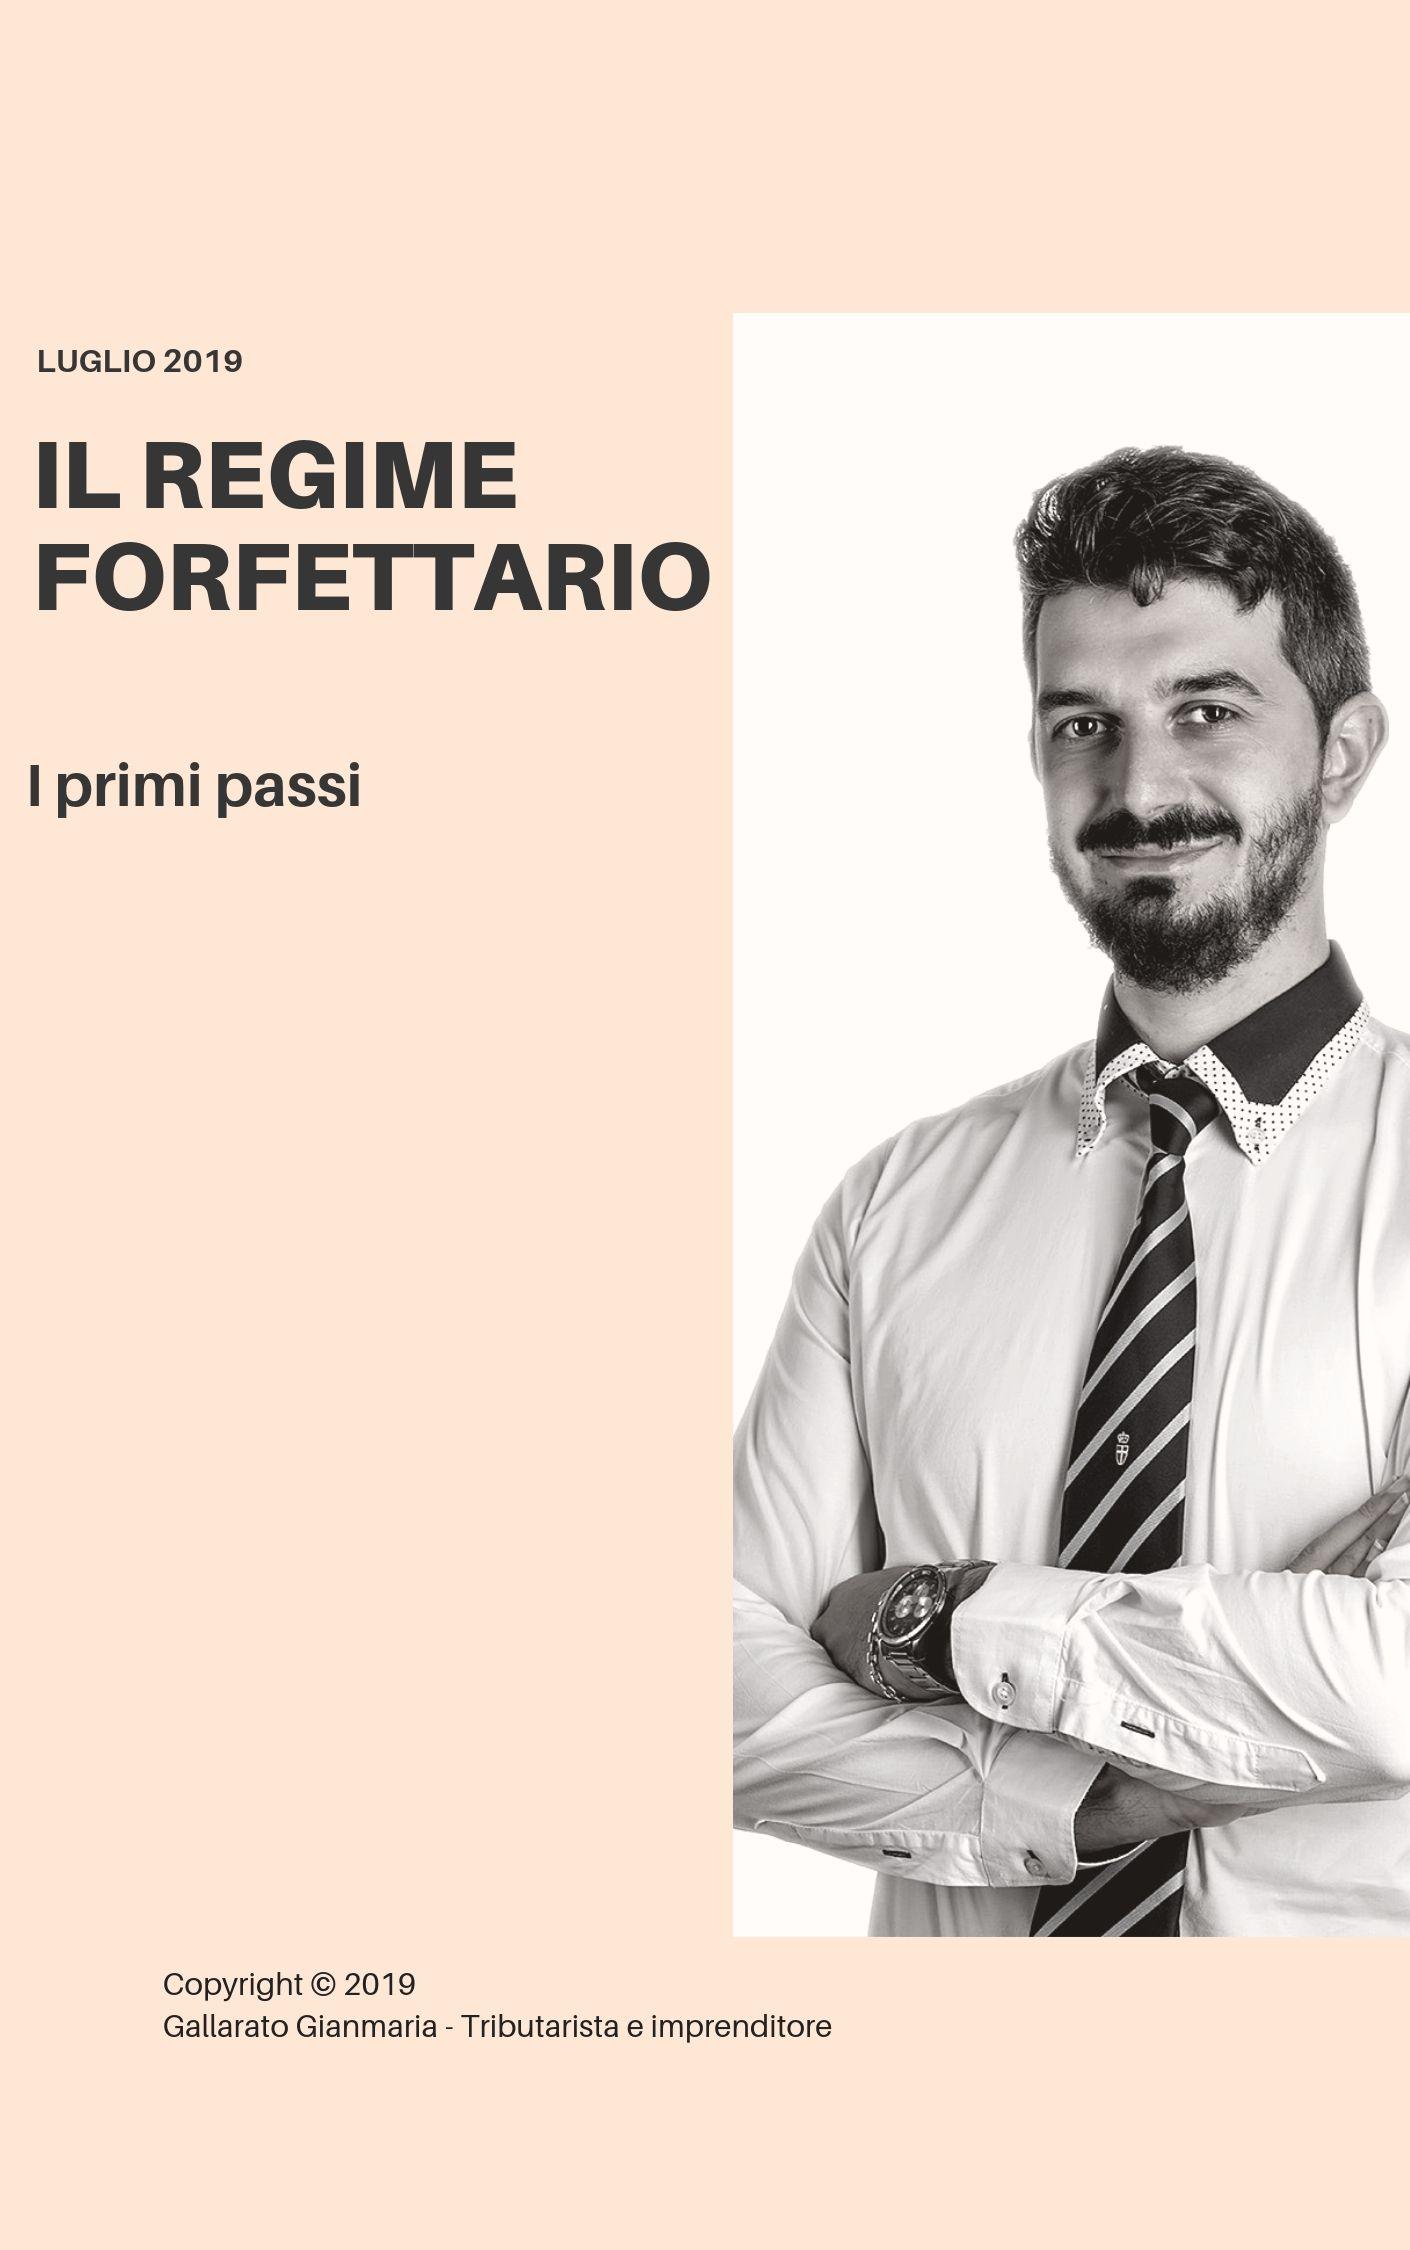 Regime forfettario 1